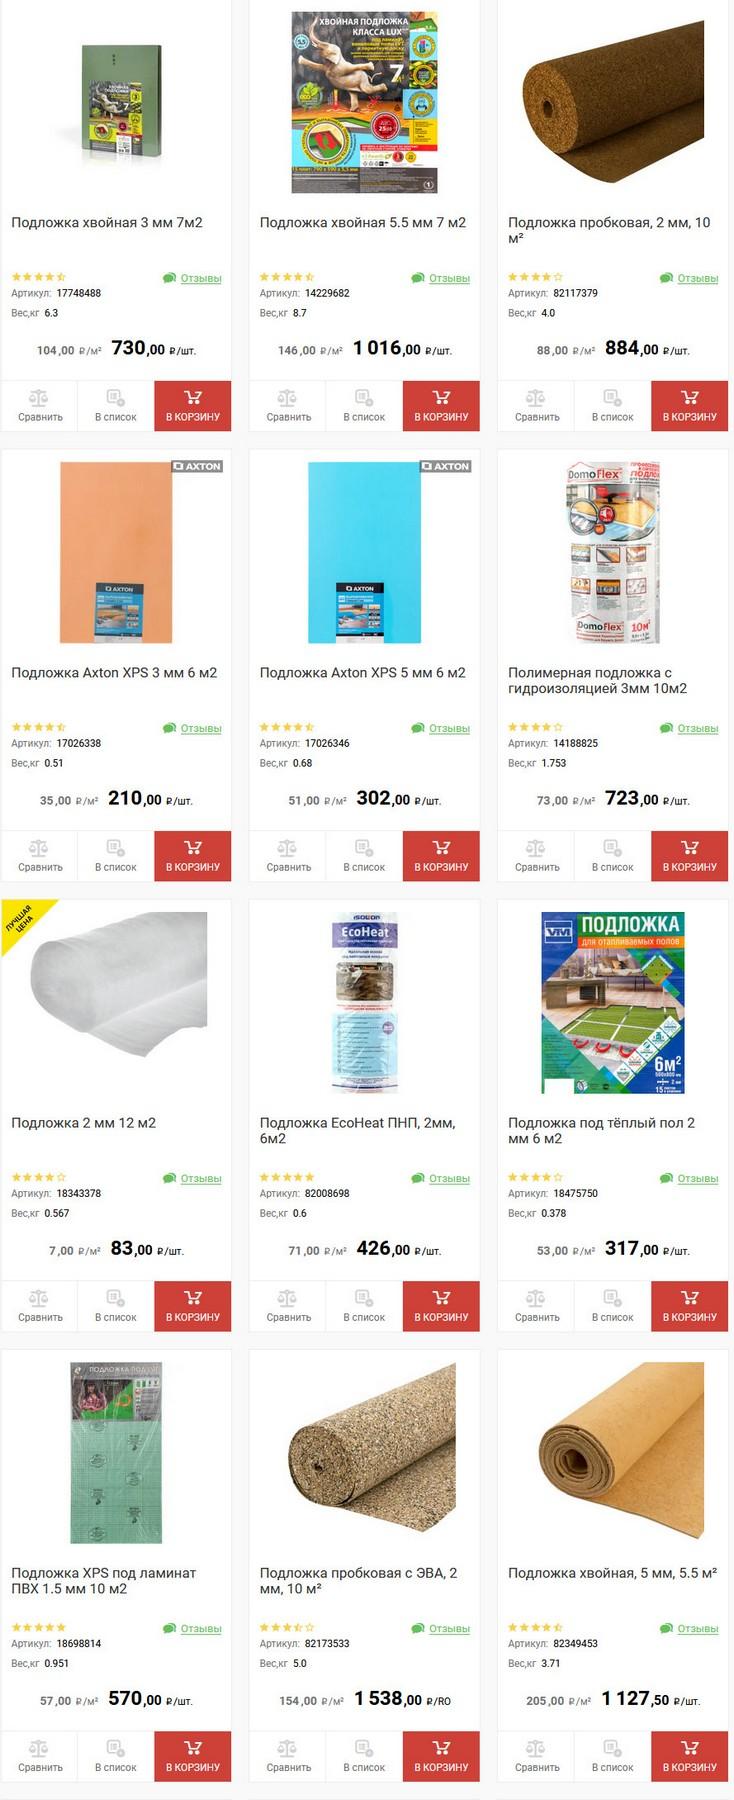 Каталог подложки под ламината в Леруа Мерлен с ценами